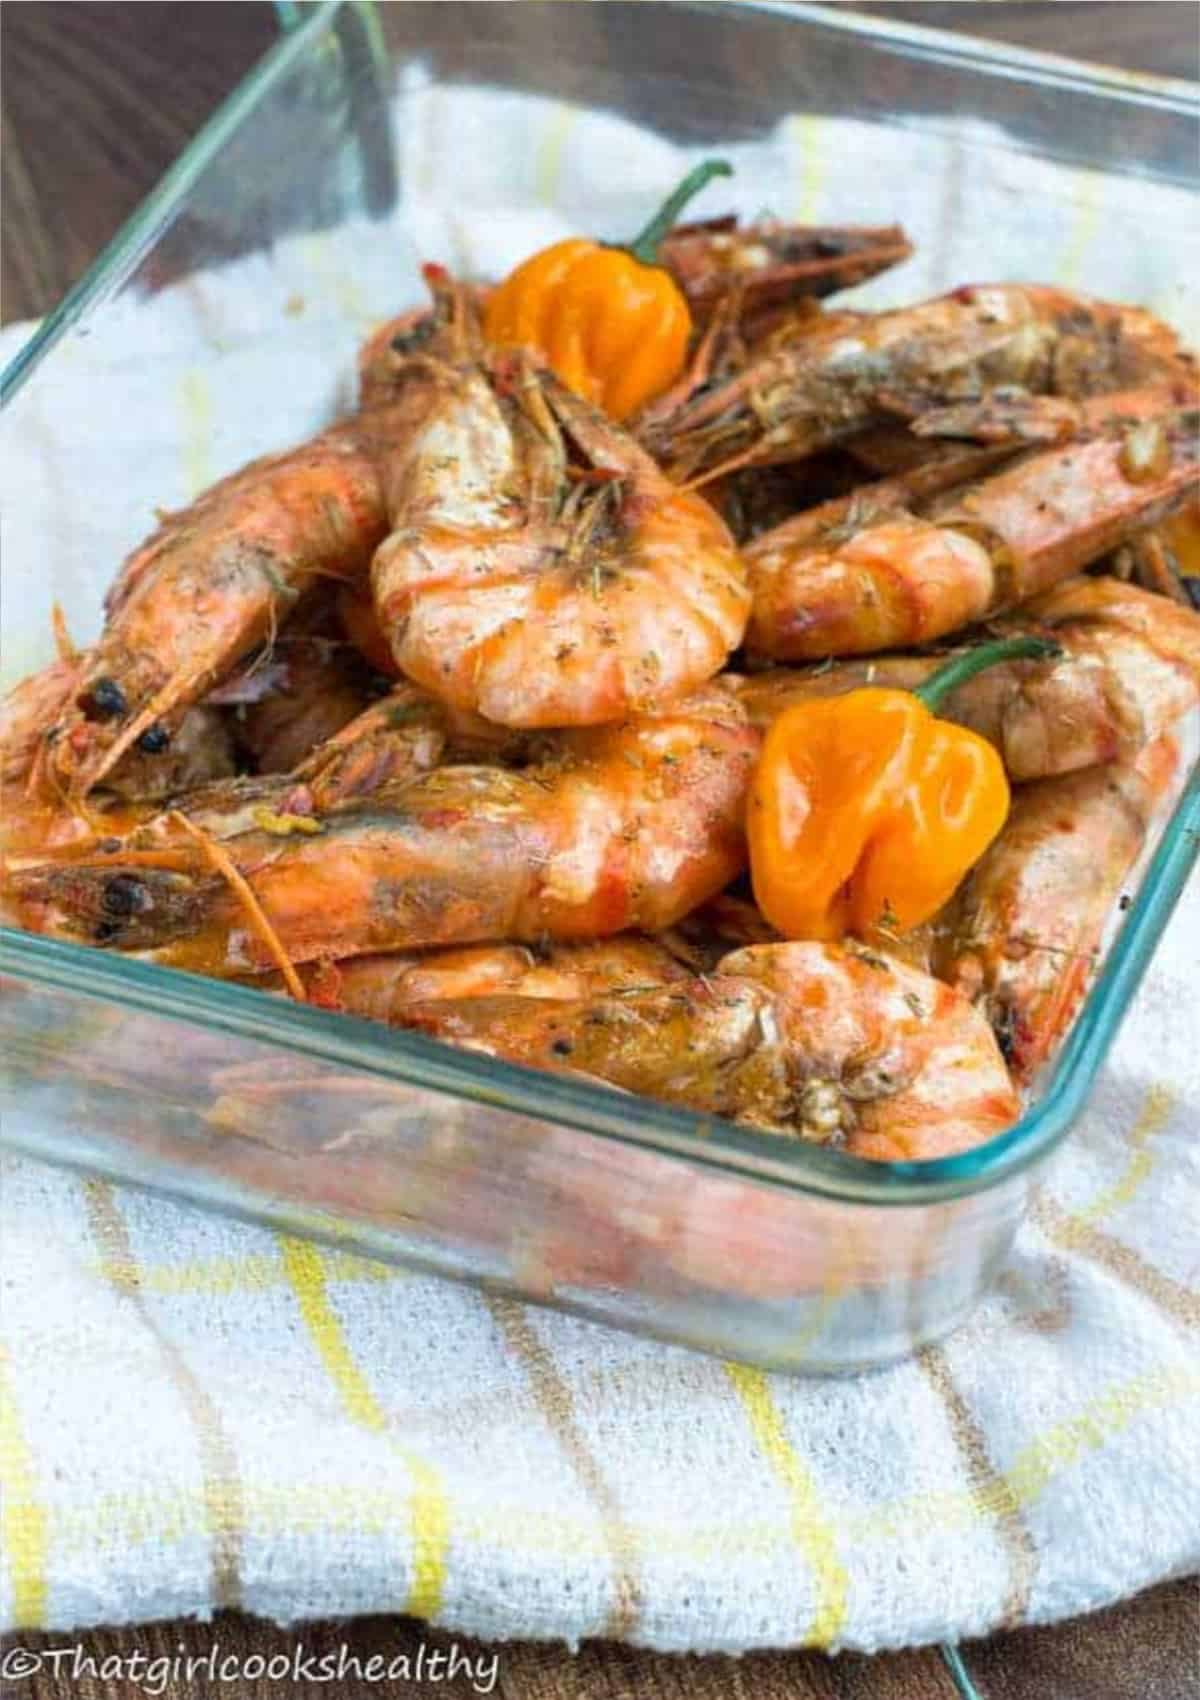 shrimp with orange scotch bonnet